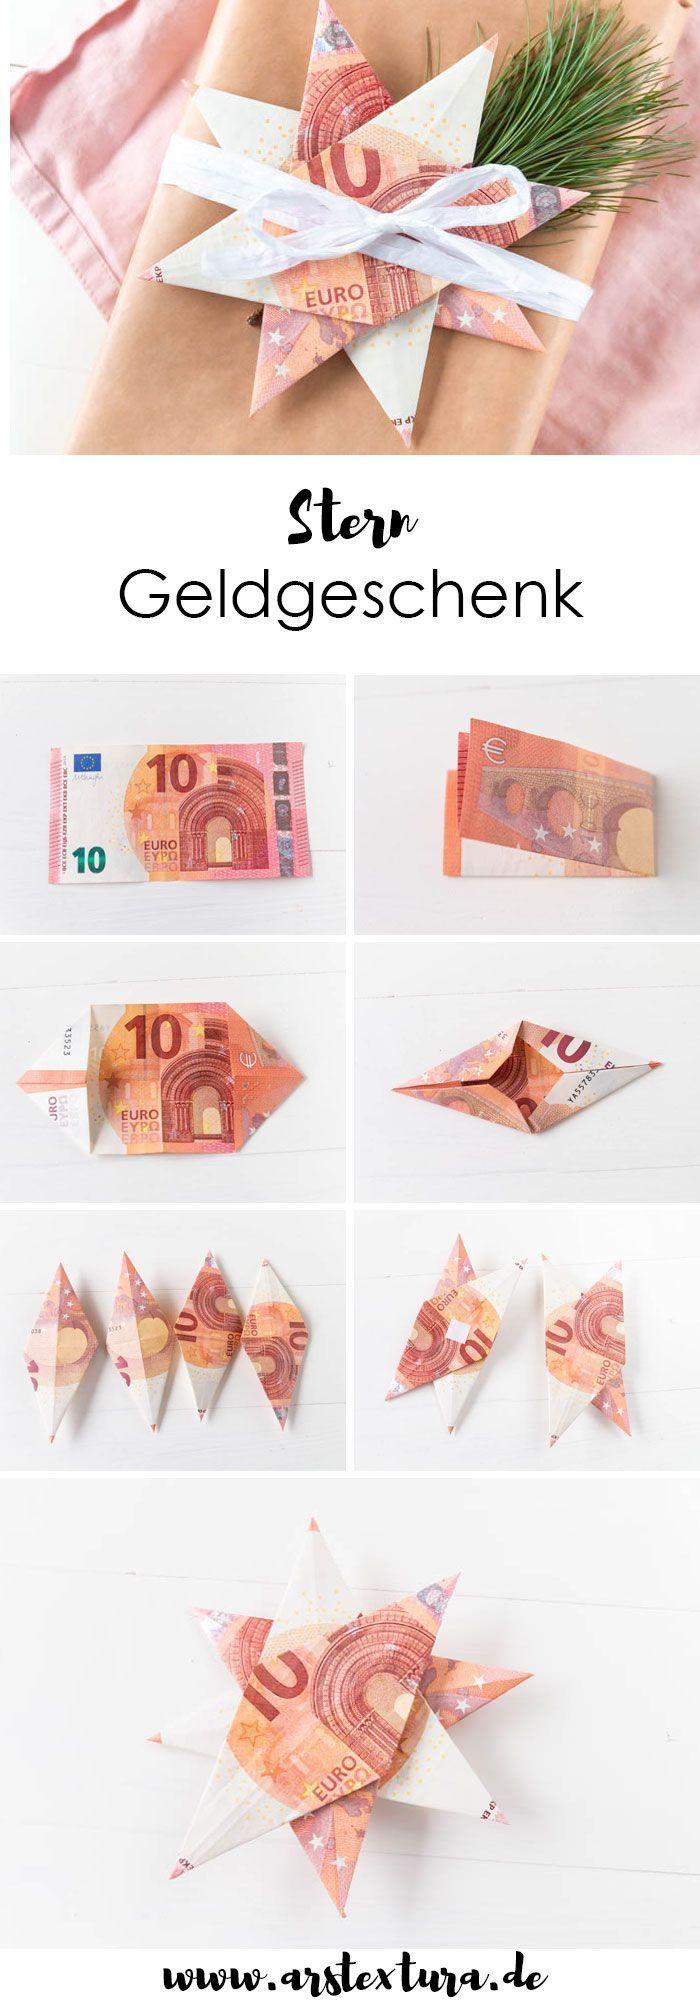 Geldgeschenk zu Weihnachten – #Geldgeschenk #schwe…